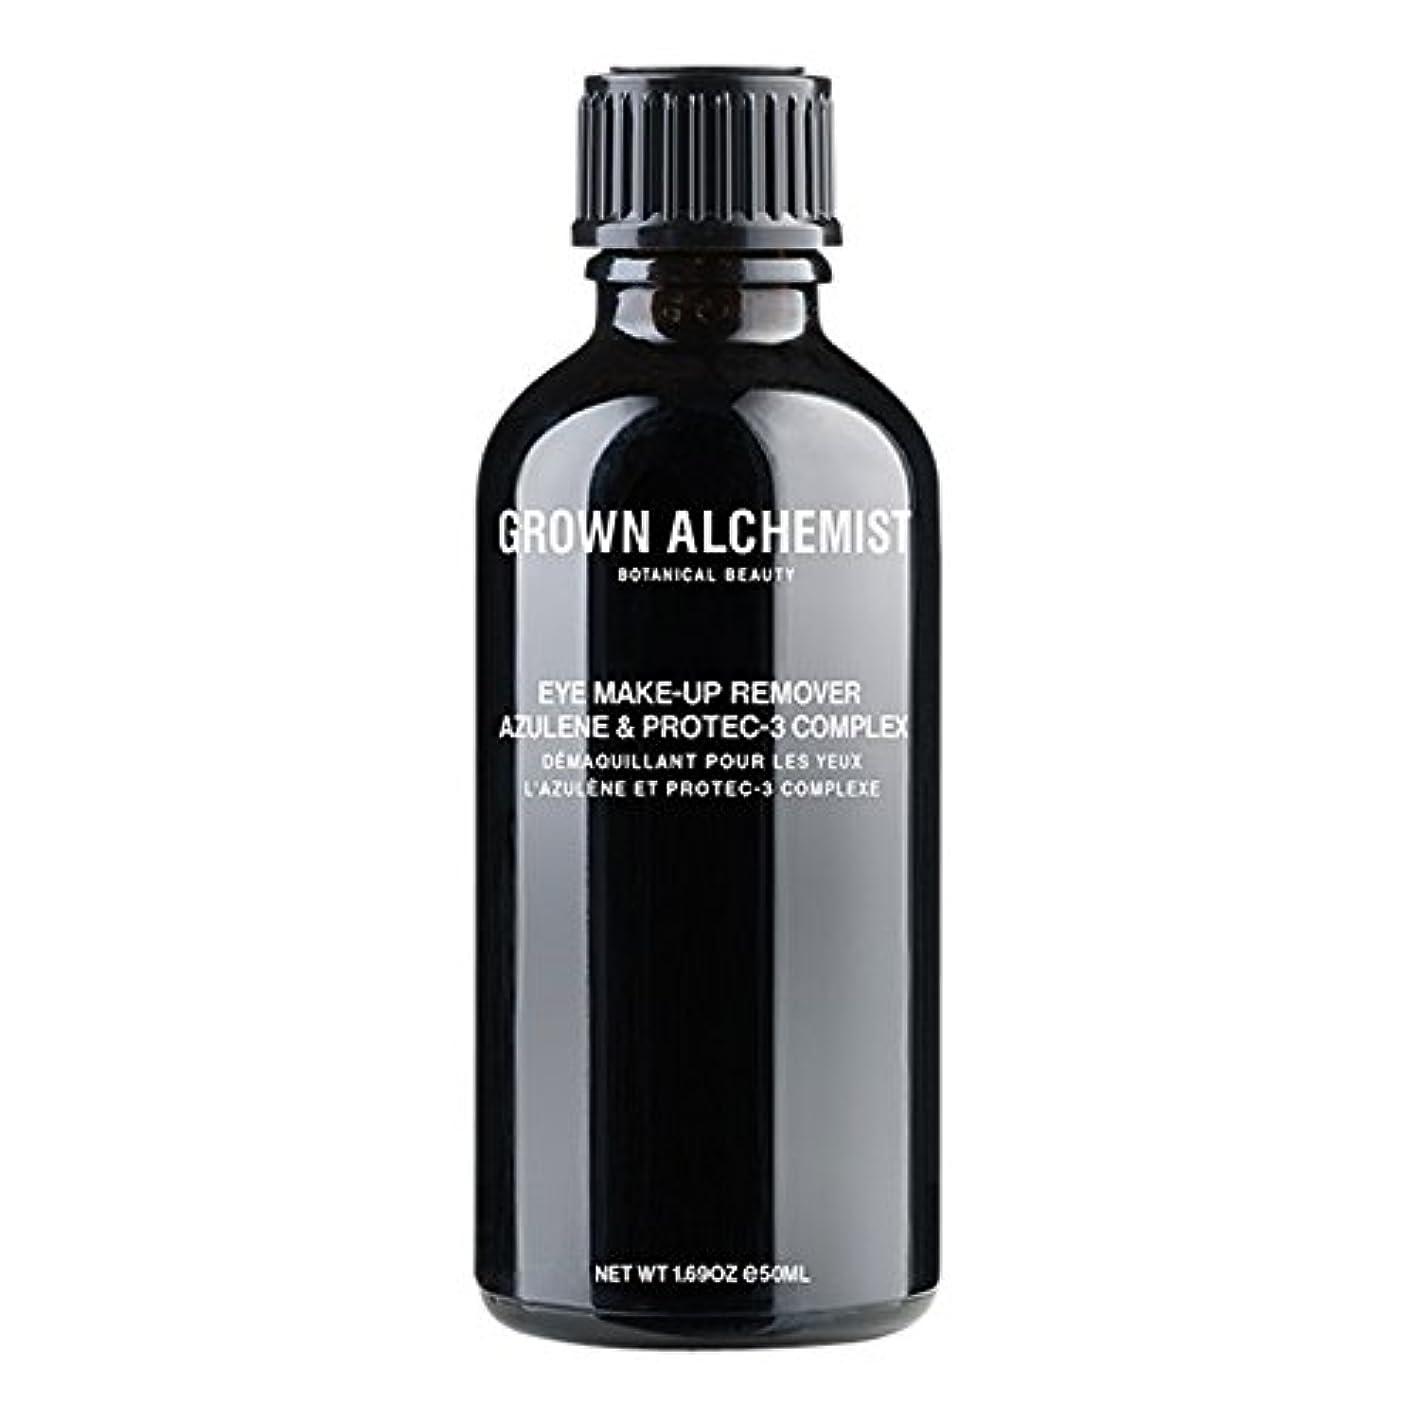 深めるファンガソリン成長した錬金術師アズレン&Protec-3アイメイクアップリムーバーの50ミリリットル (Grown Alchemist) (x6) - Grown Alchemist Azulene & Protec-3 Eye-Makeup...